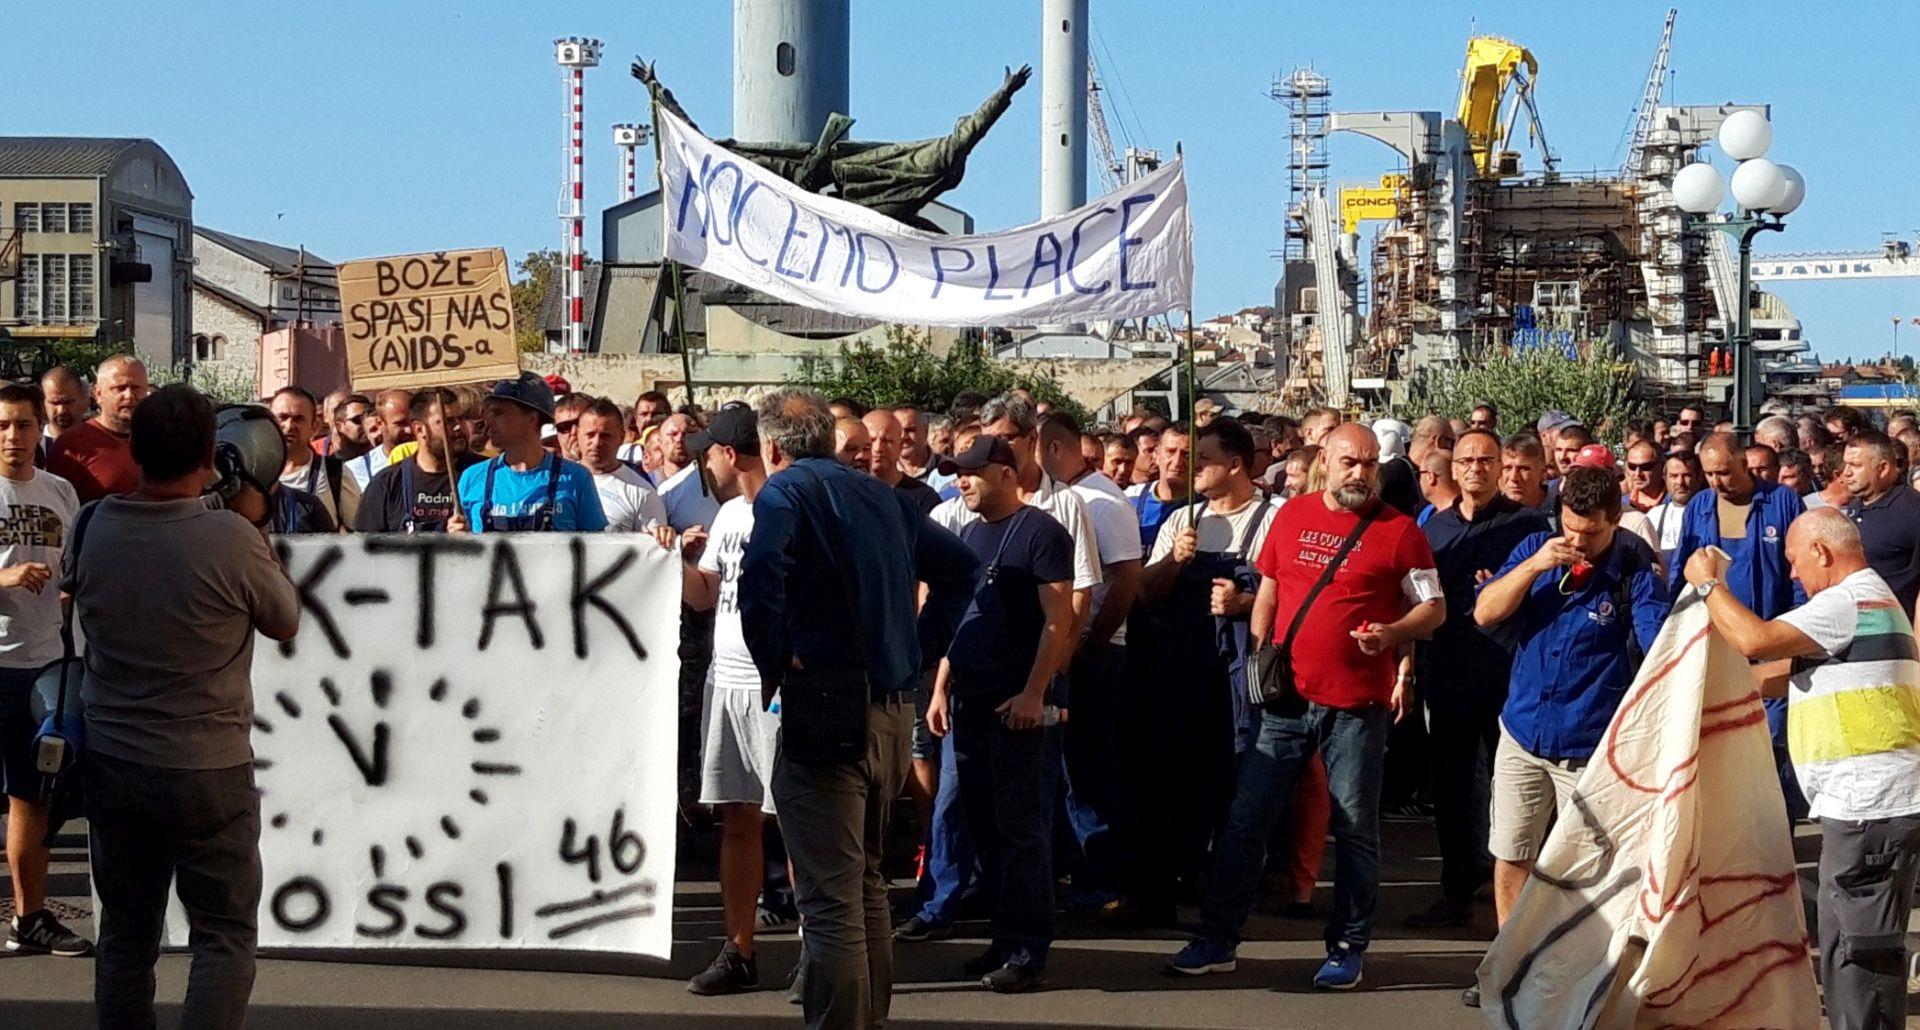 Uljanikovi radnici ponovno na ulicama Pule